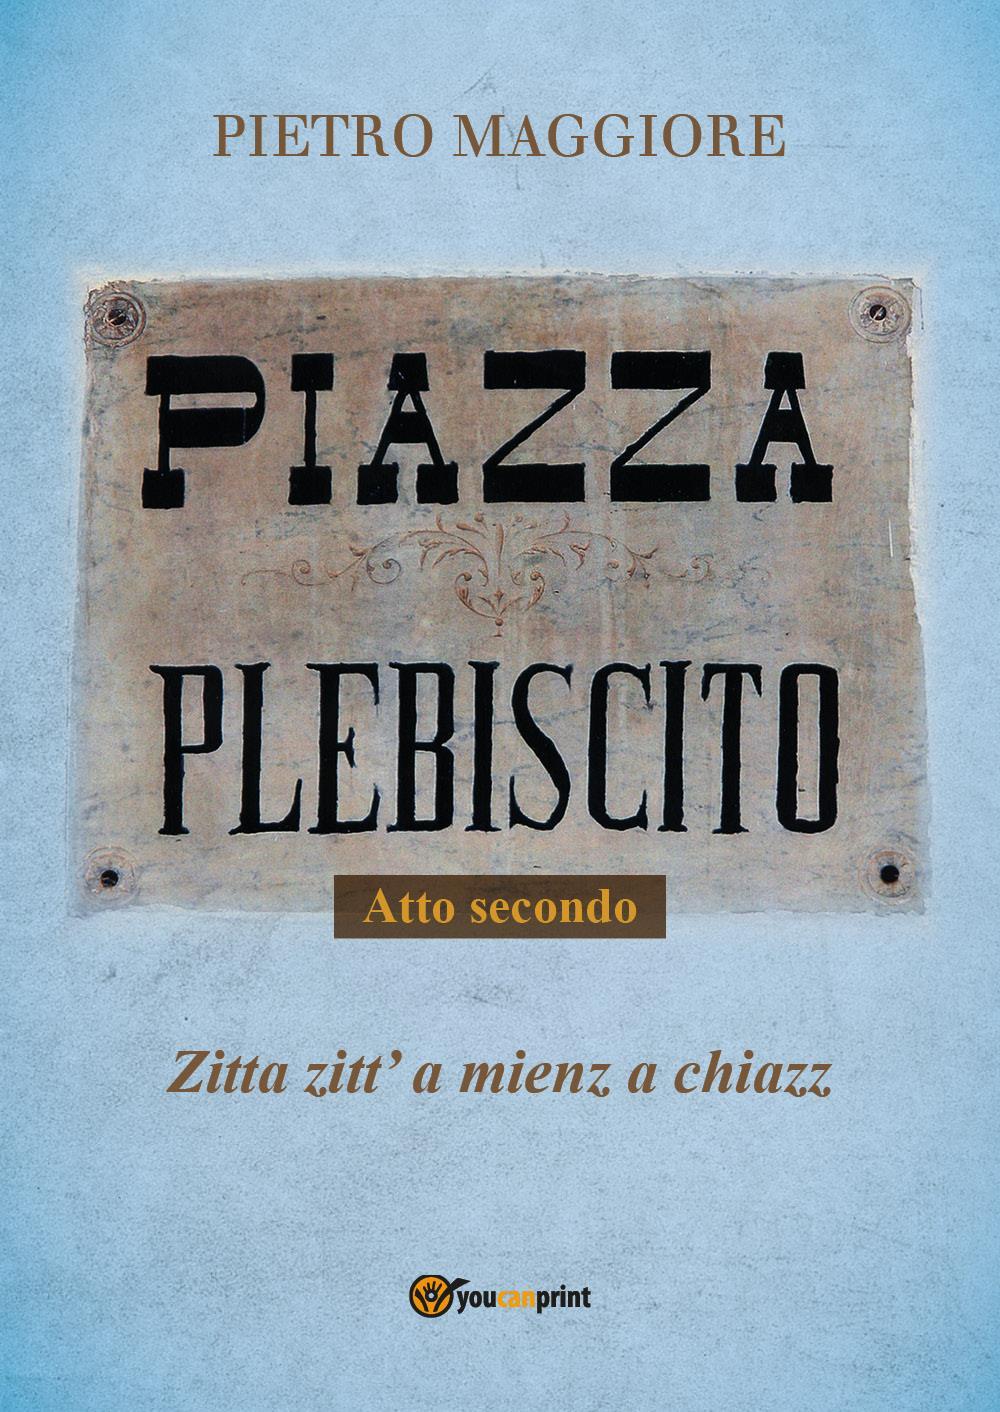 Piazza Plebiscito - Parte seconda